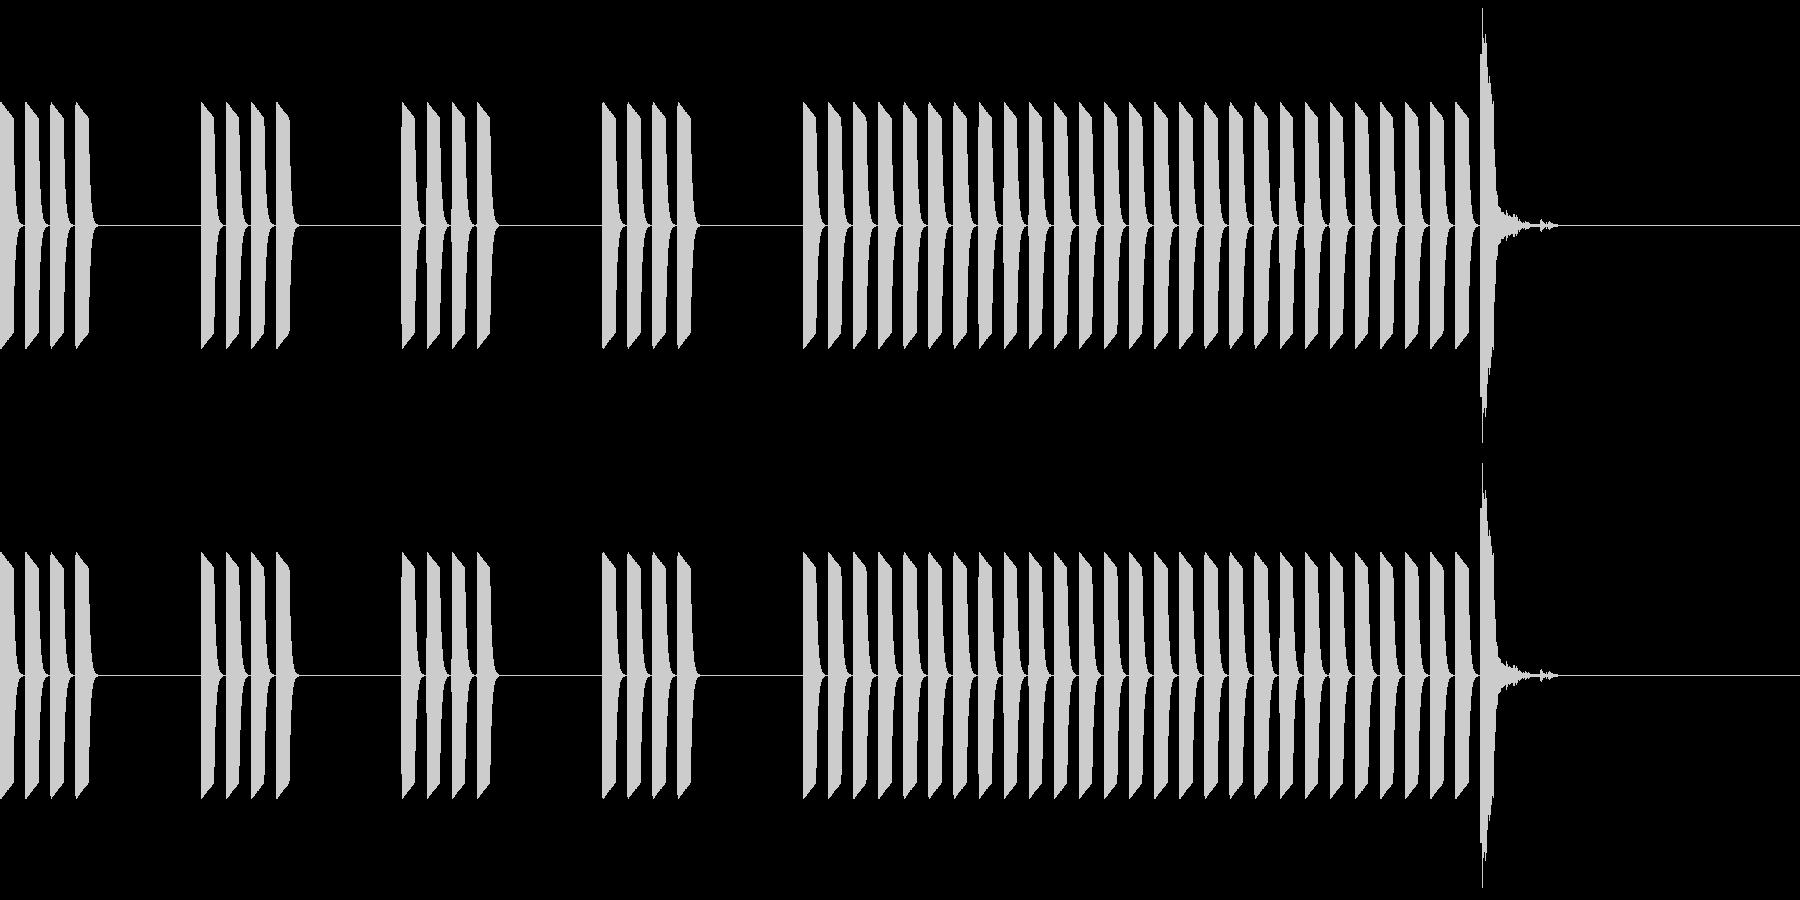 暮らしの音  デジタル目覚ましアラームの未再生の波形